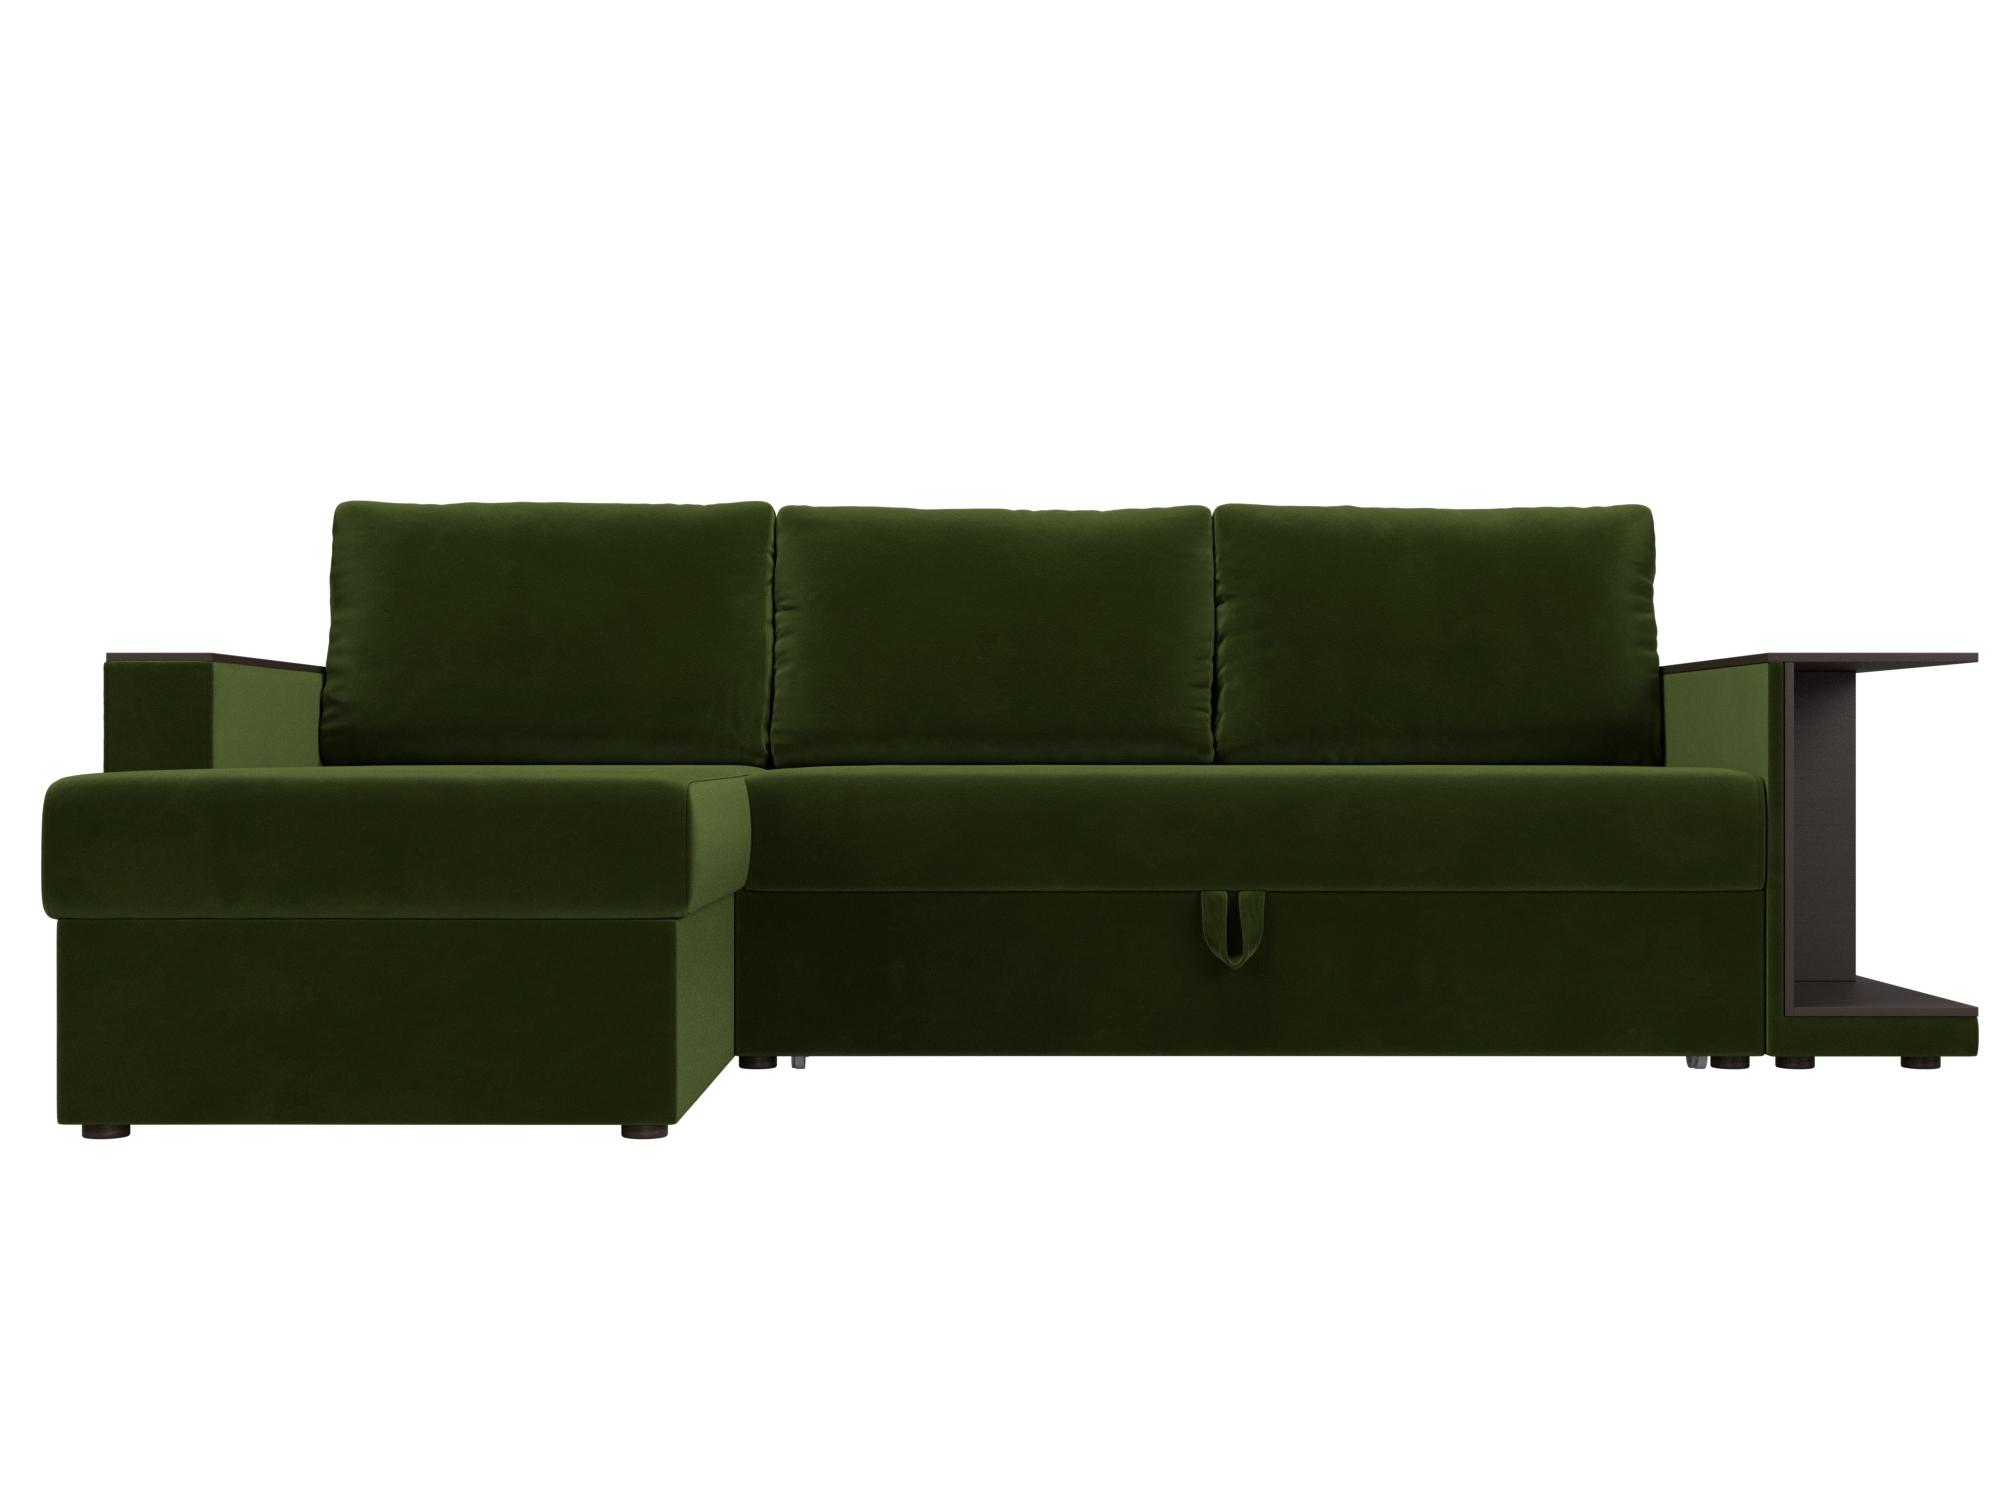 Угловой диван Атланта С Левый MebelVia Зеленый, Микровельвет, ЛДСП Зеленый